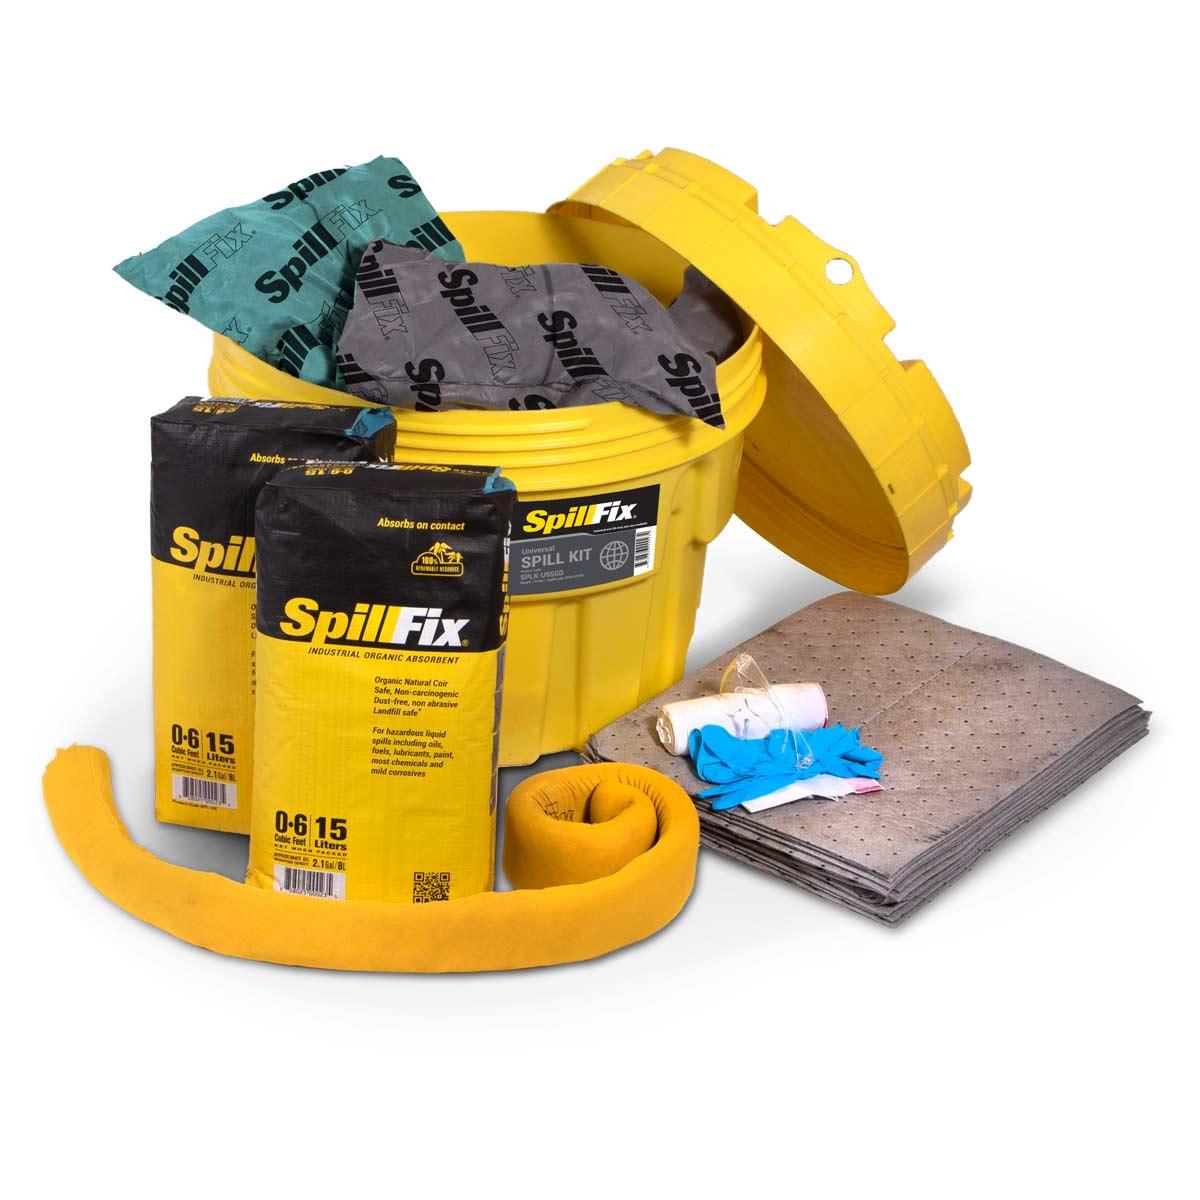 Spill Fix Universal Spill Kits